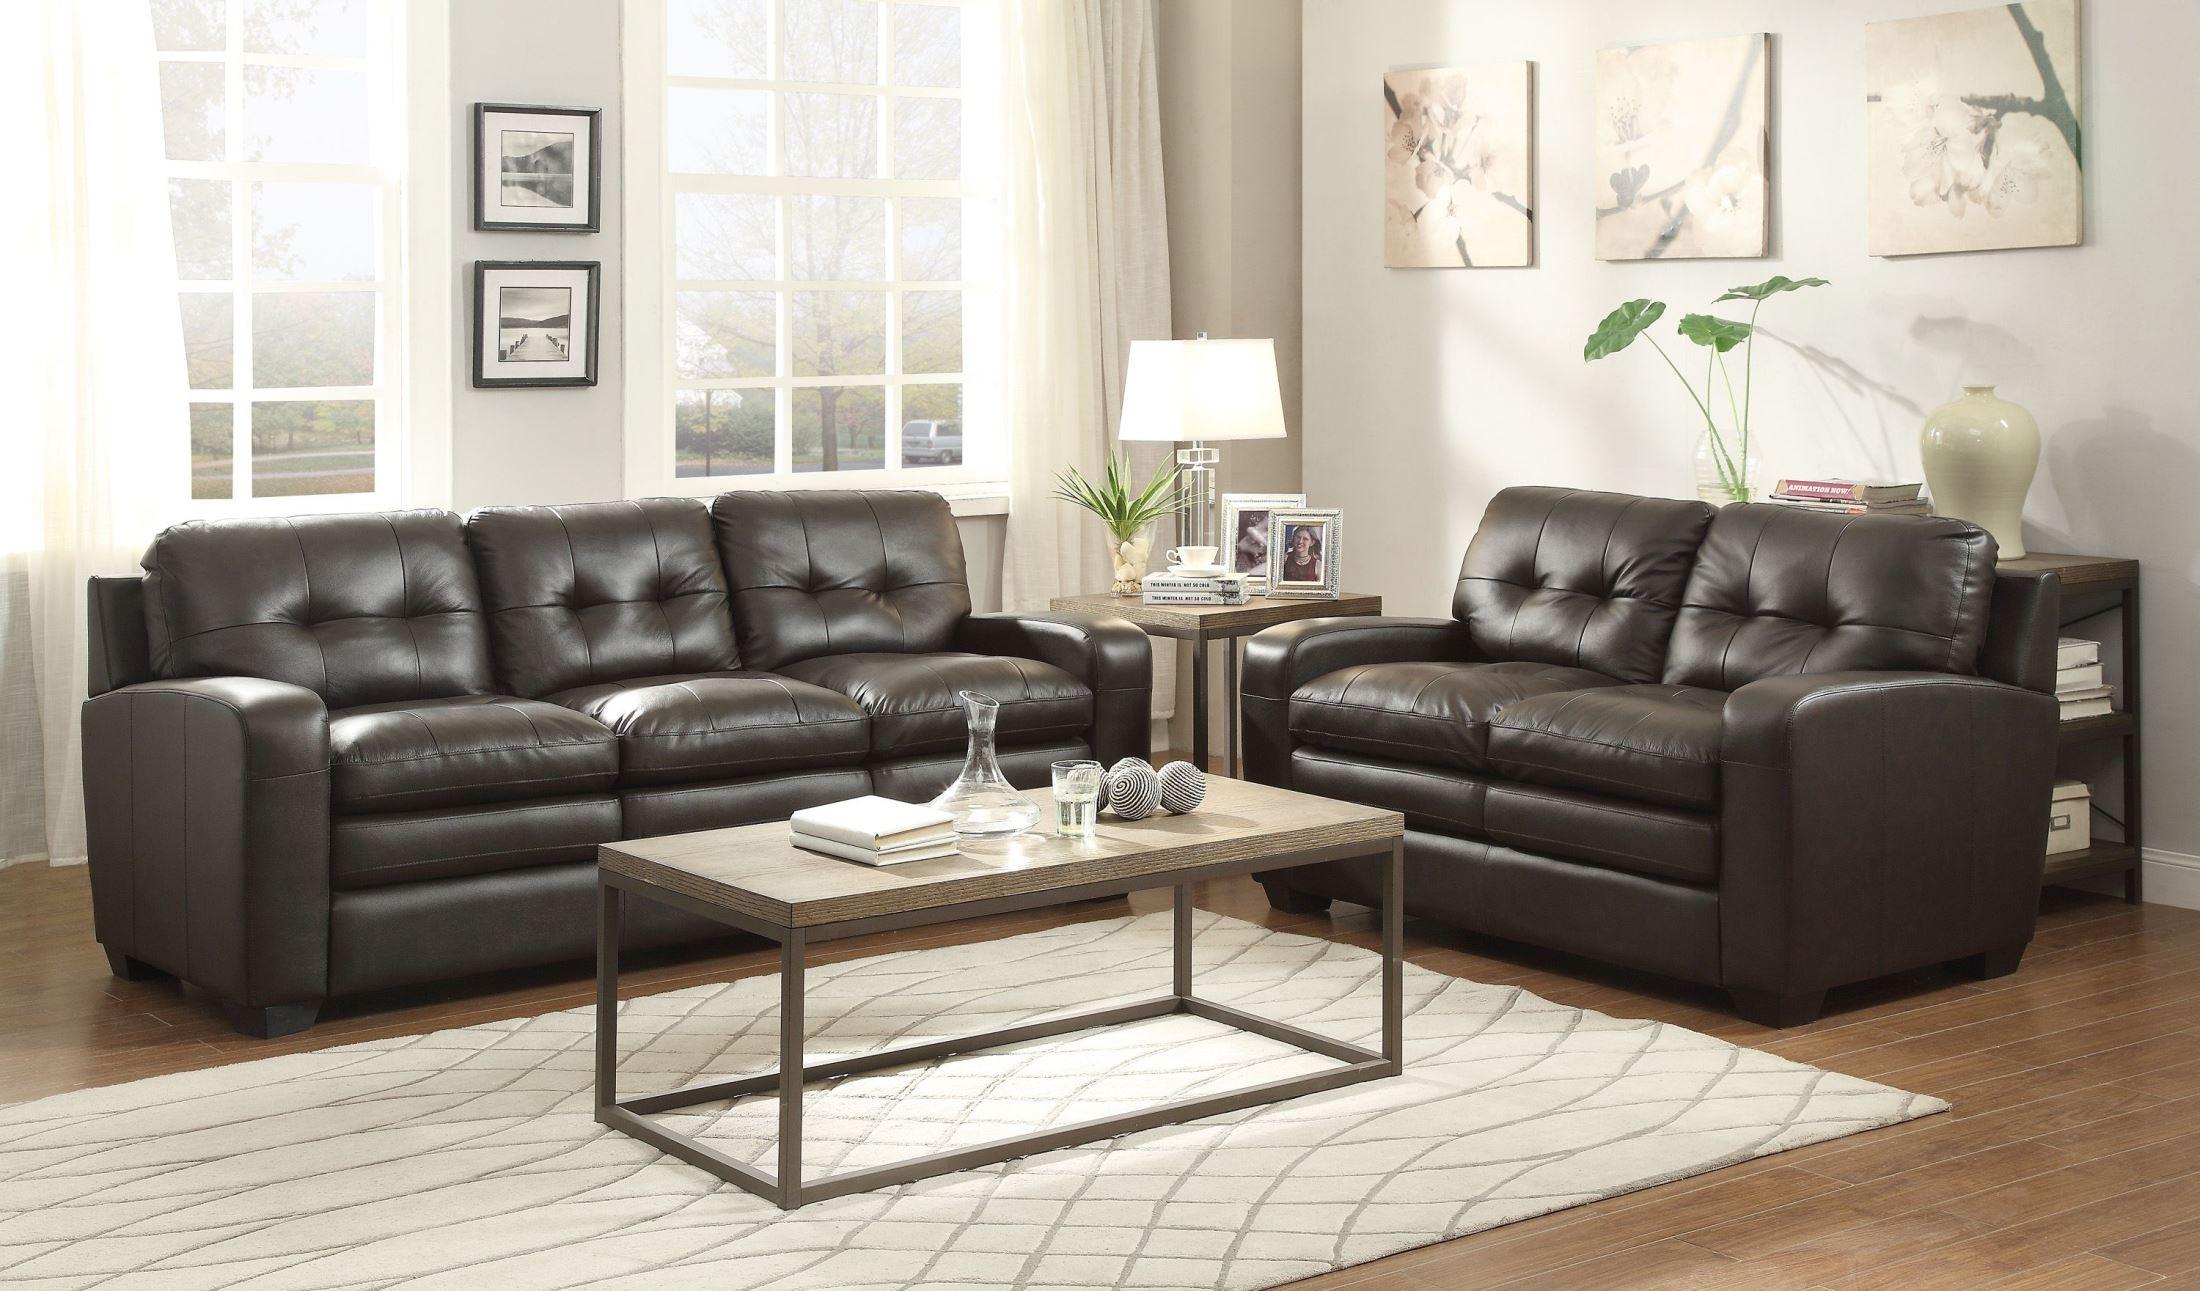 urich chocolate living room set from homelegance 8422 3 coleman furniture. Black Bedroom Furniture Sets. Home Design Ideas